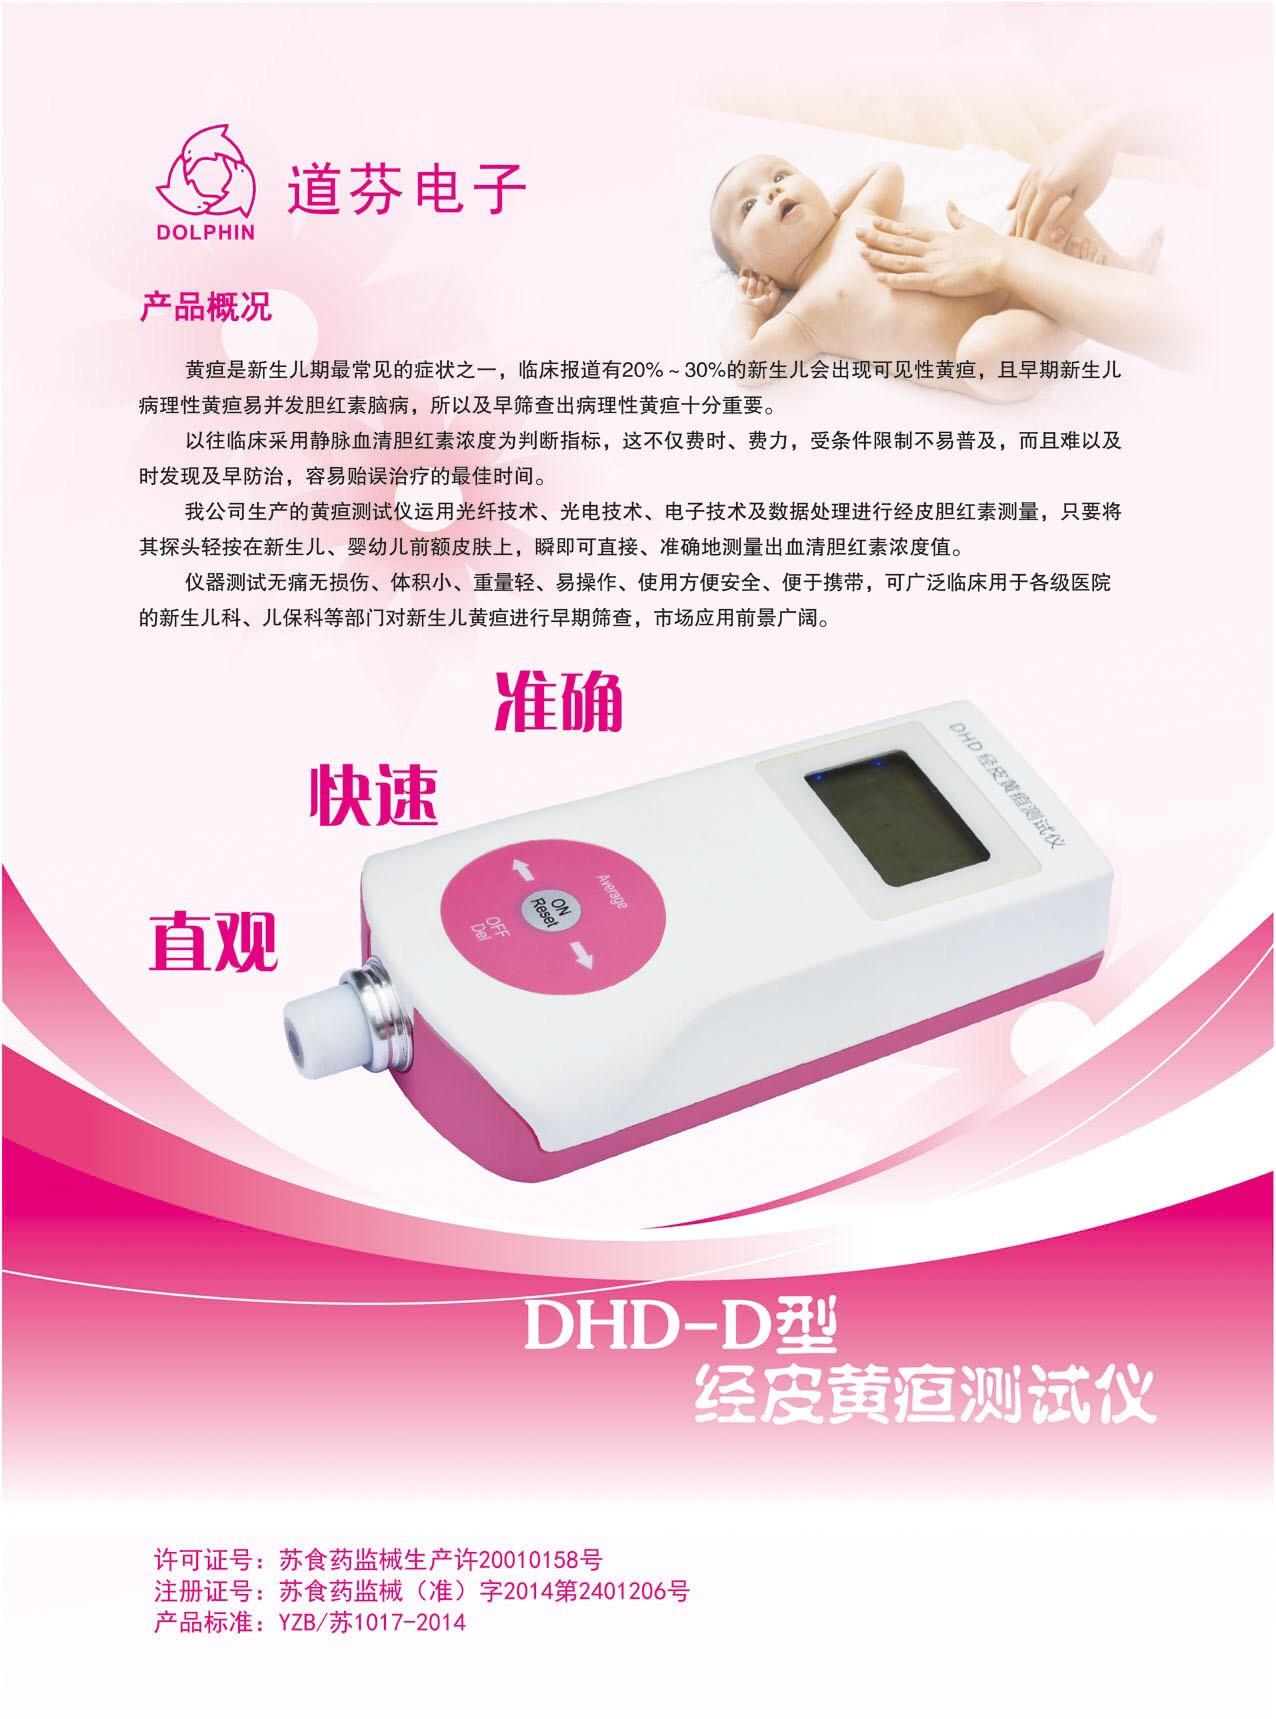 經皮黃疸測試儀